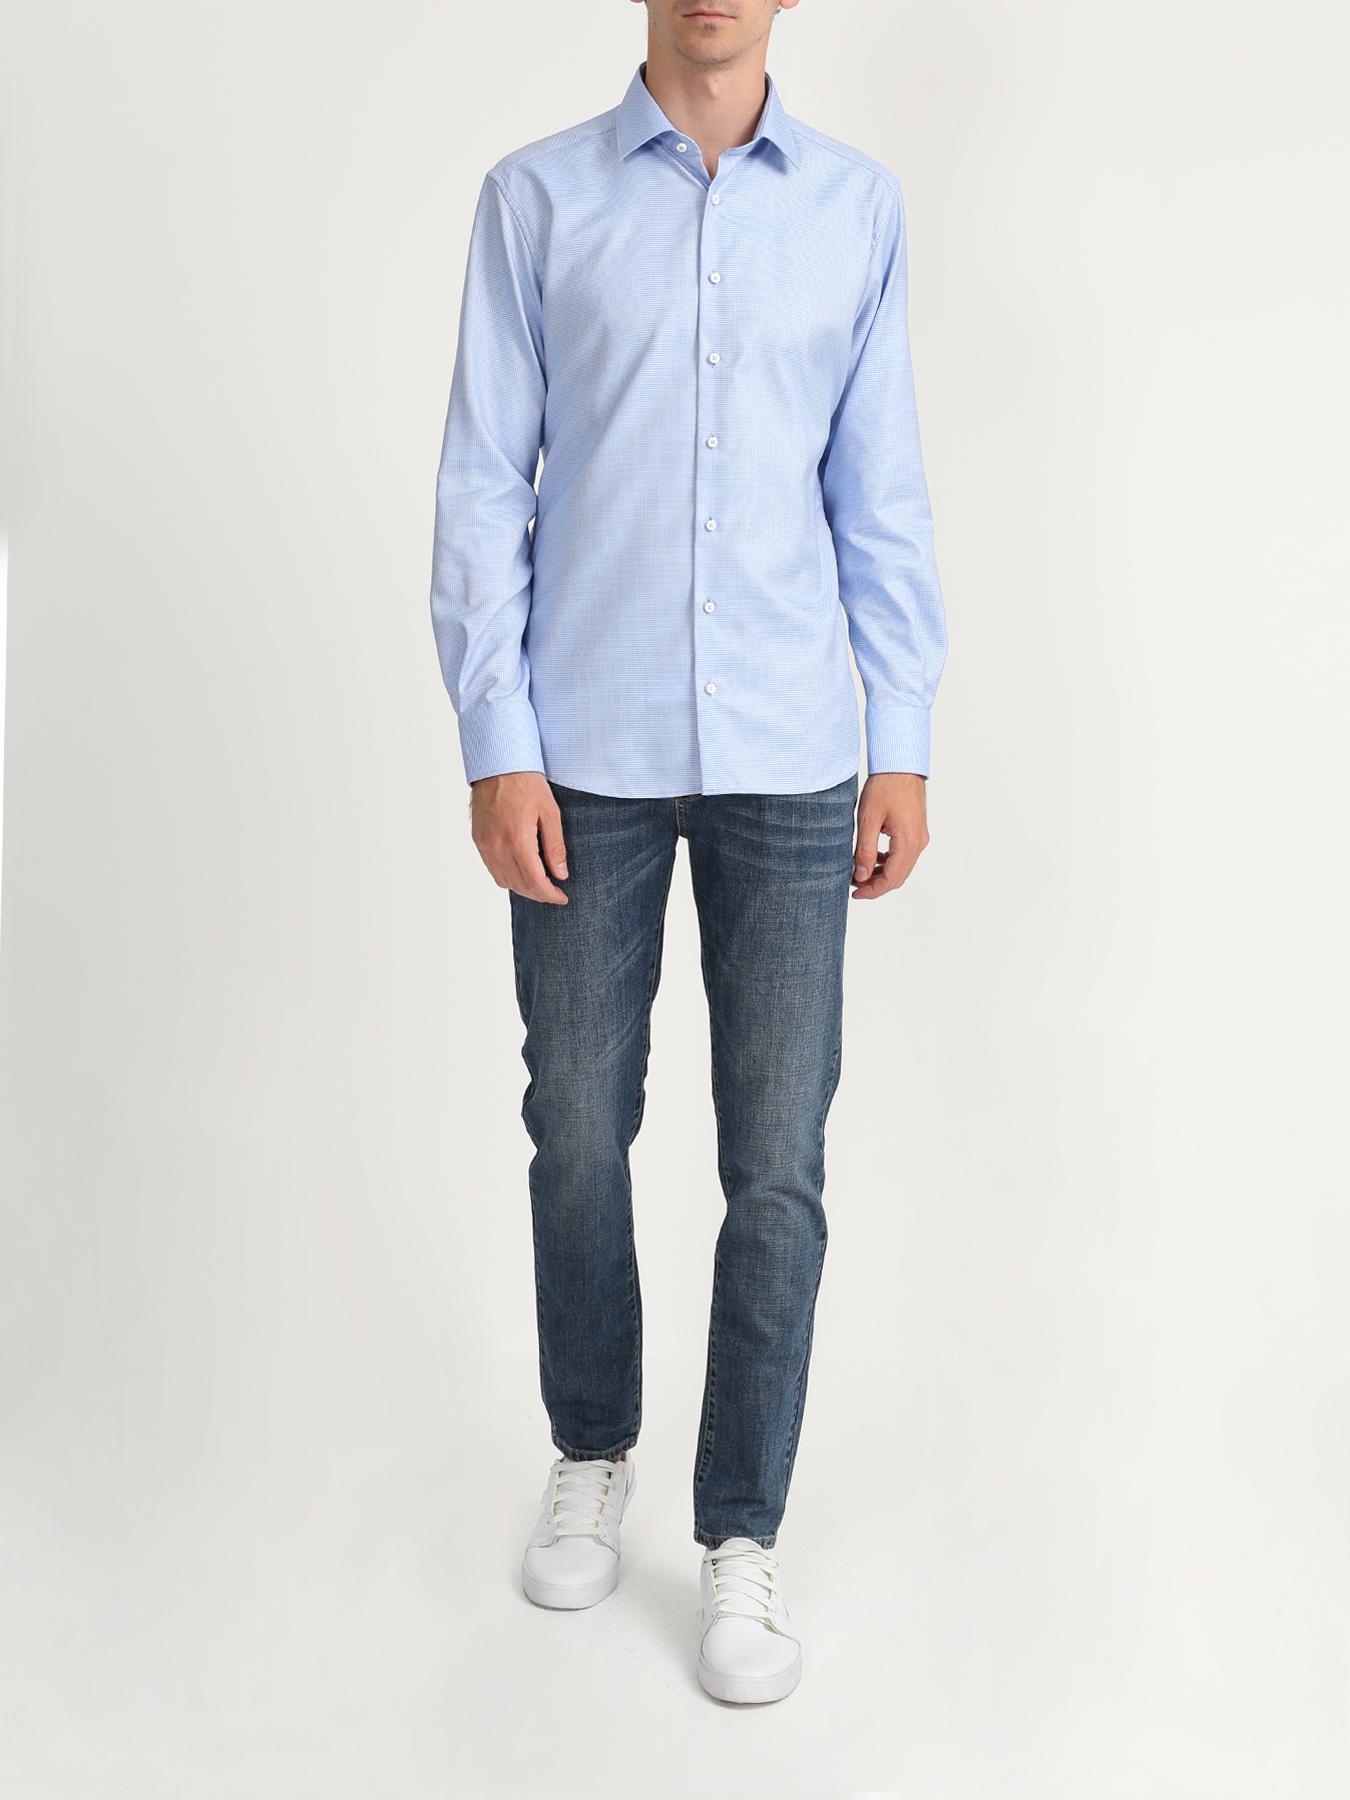 Рубашка Eterna Хлопковая рубашка с длинным рукавом рубашка с длинным рукавом для деловых людей весенняя осень твердый цвет silm fit